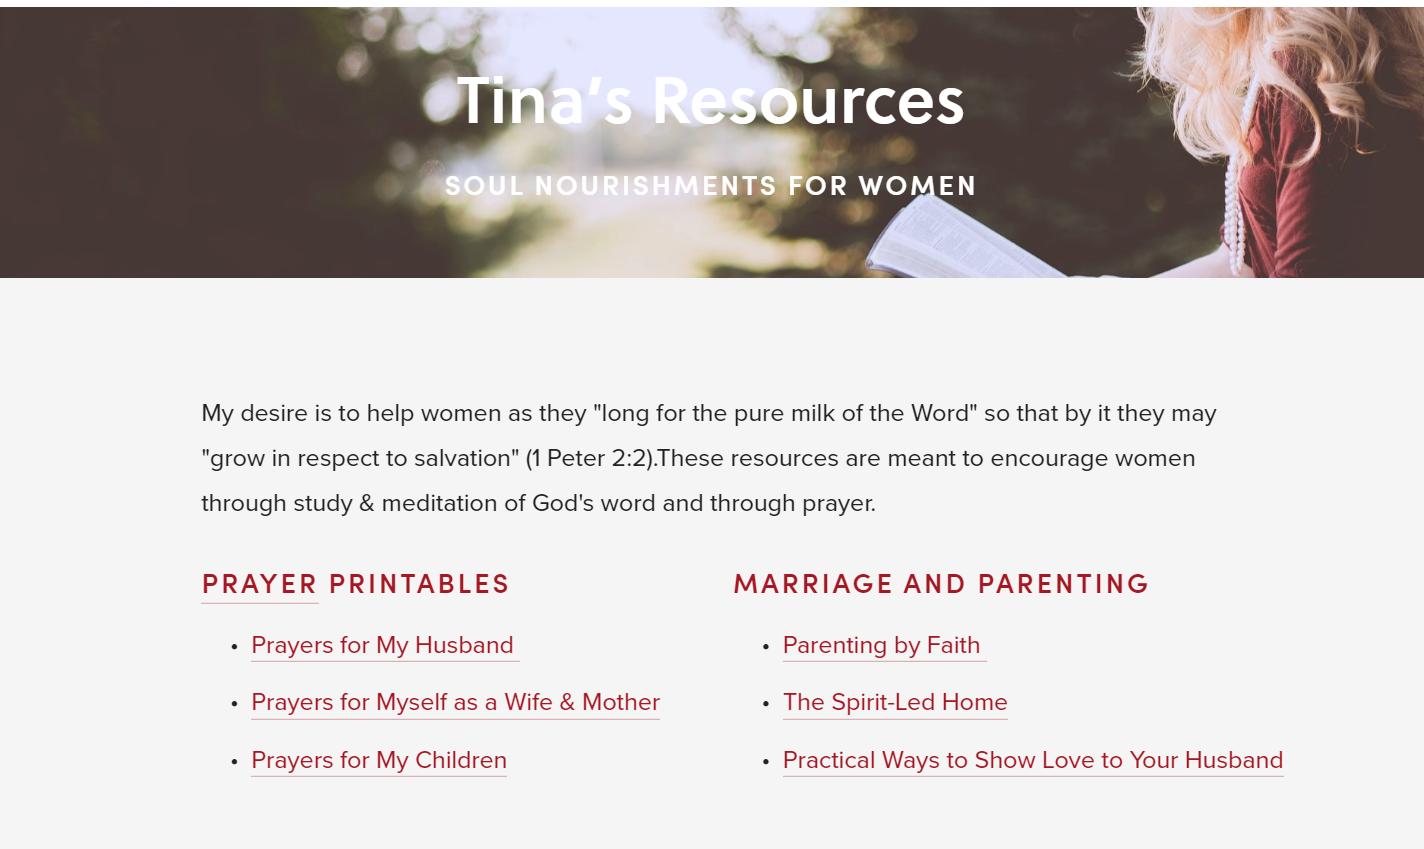 Tina's Resources Screenshot.PNG